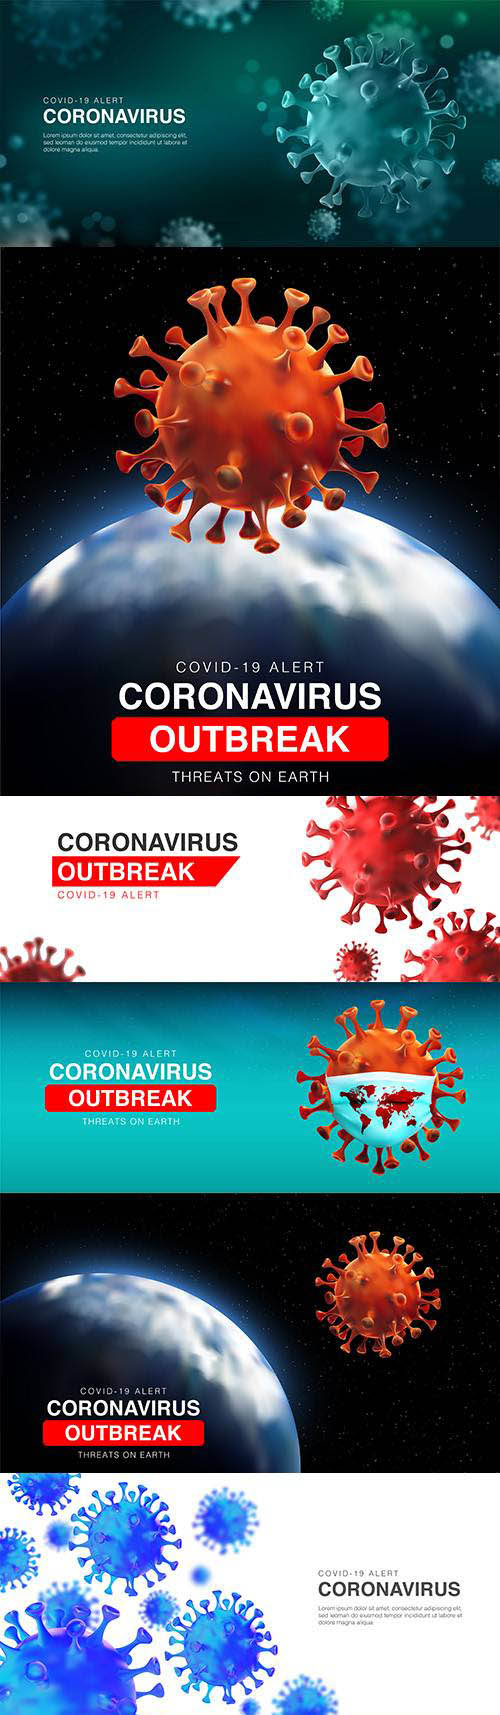 Threats coronavirus outbreak on ground 3d illustration